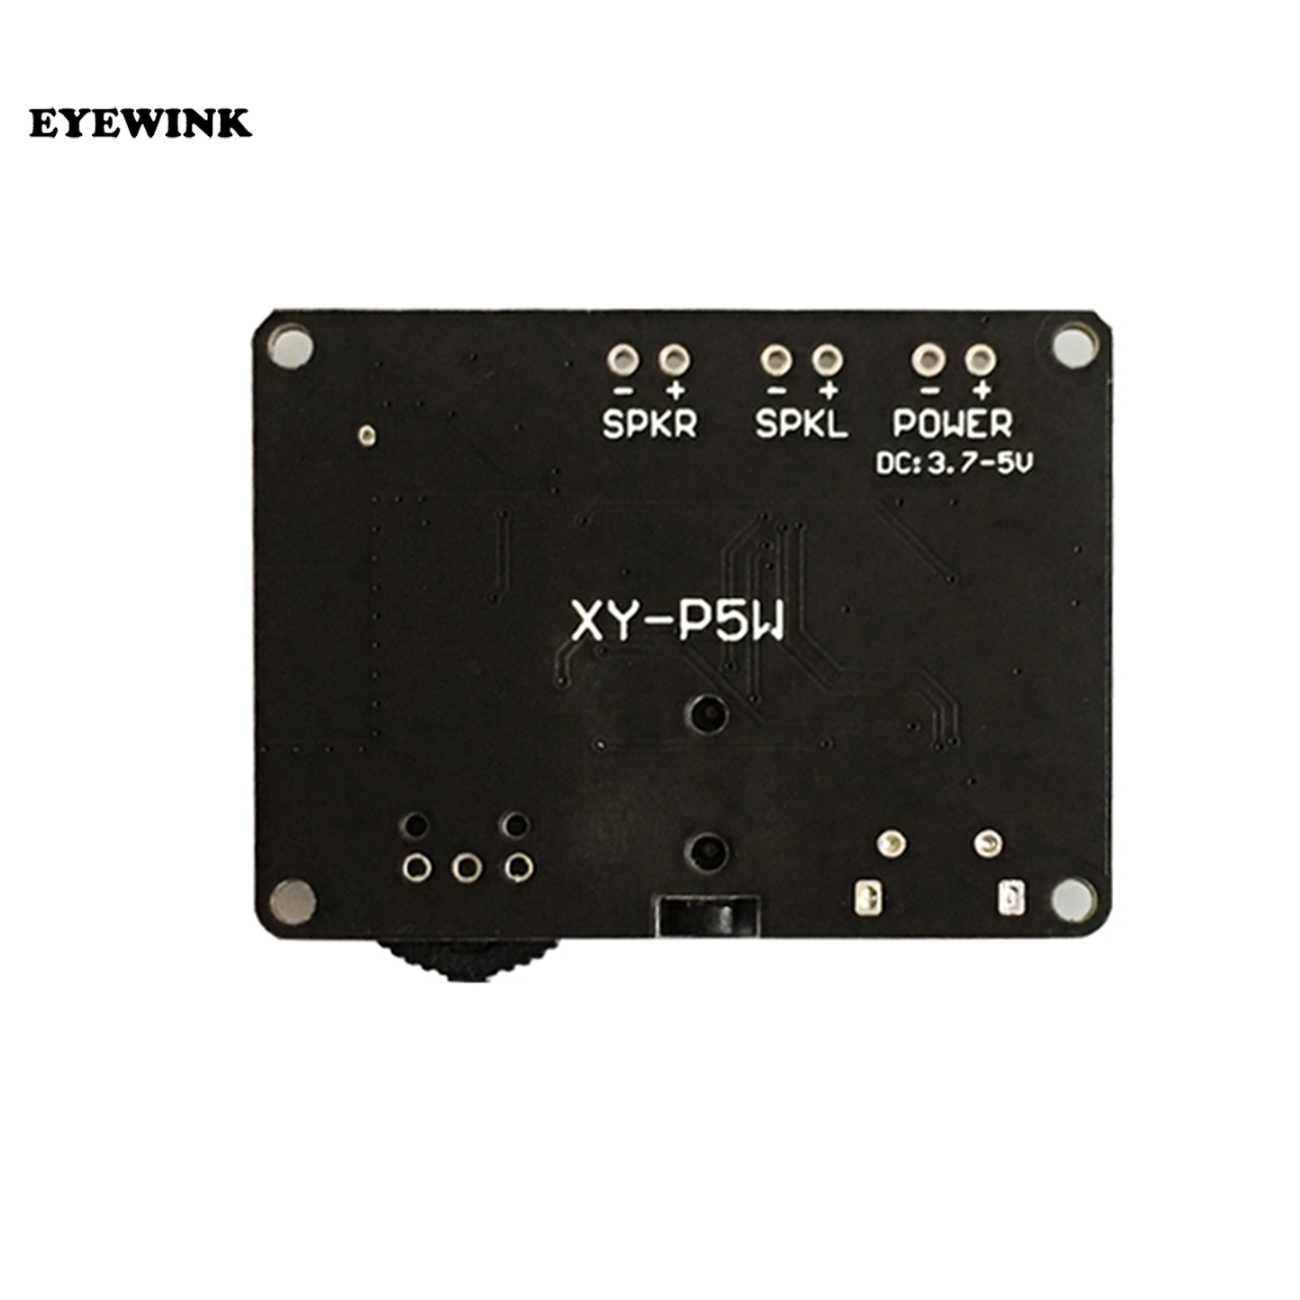 5 ワット + 5 ワット PAM8406 bluetooth 5.0 DC3.7-5V ステレオ · オーディオ · パワーアンプモジュール XY-P5W arduino の diy キット